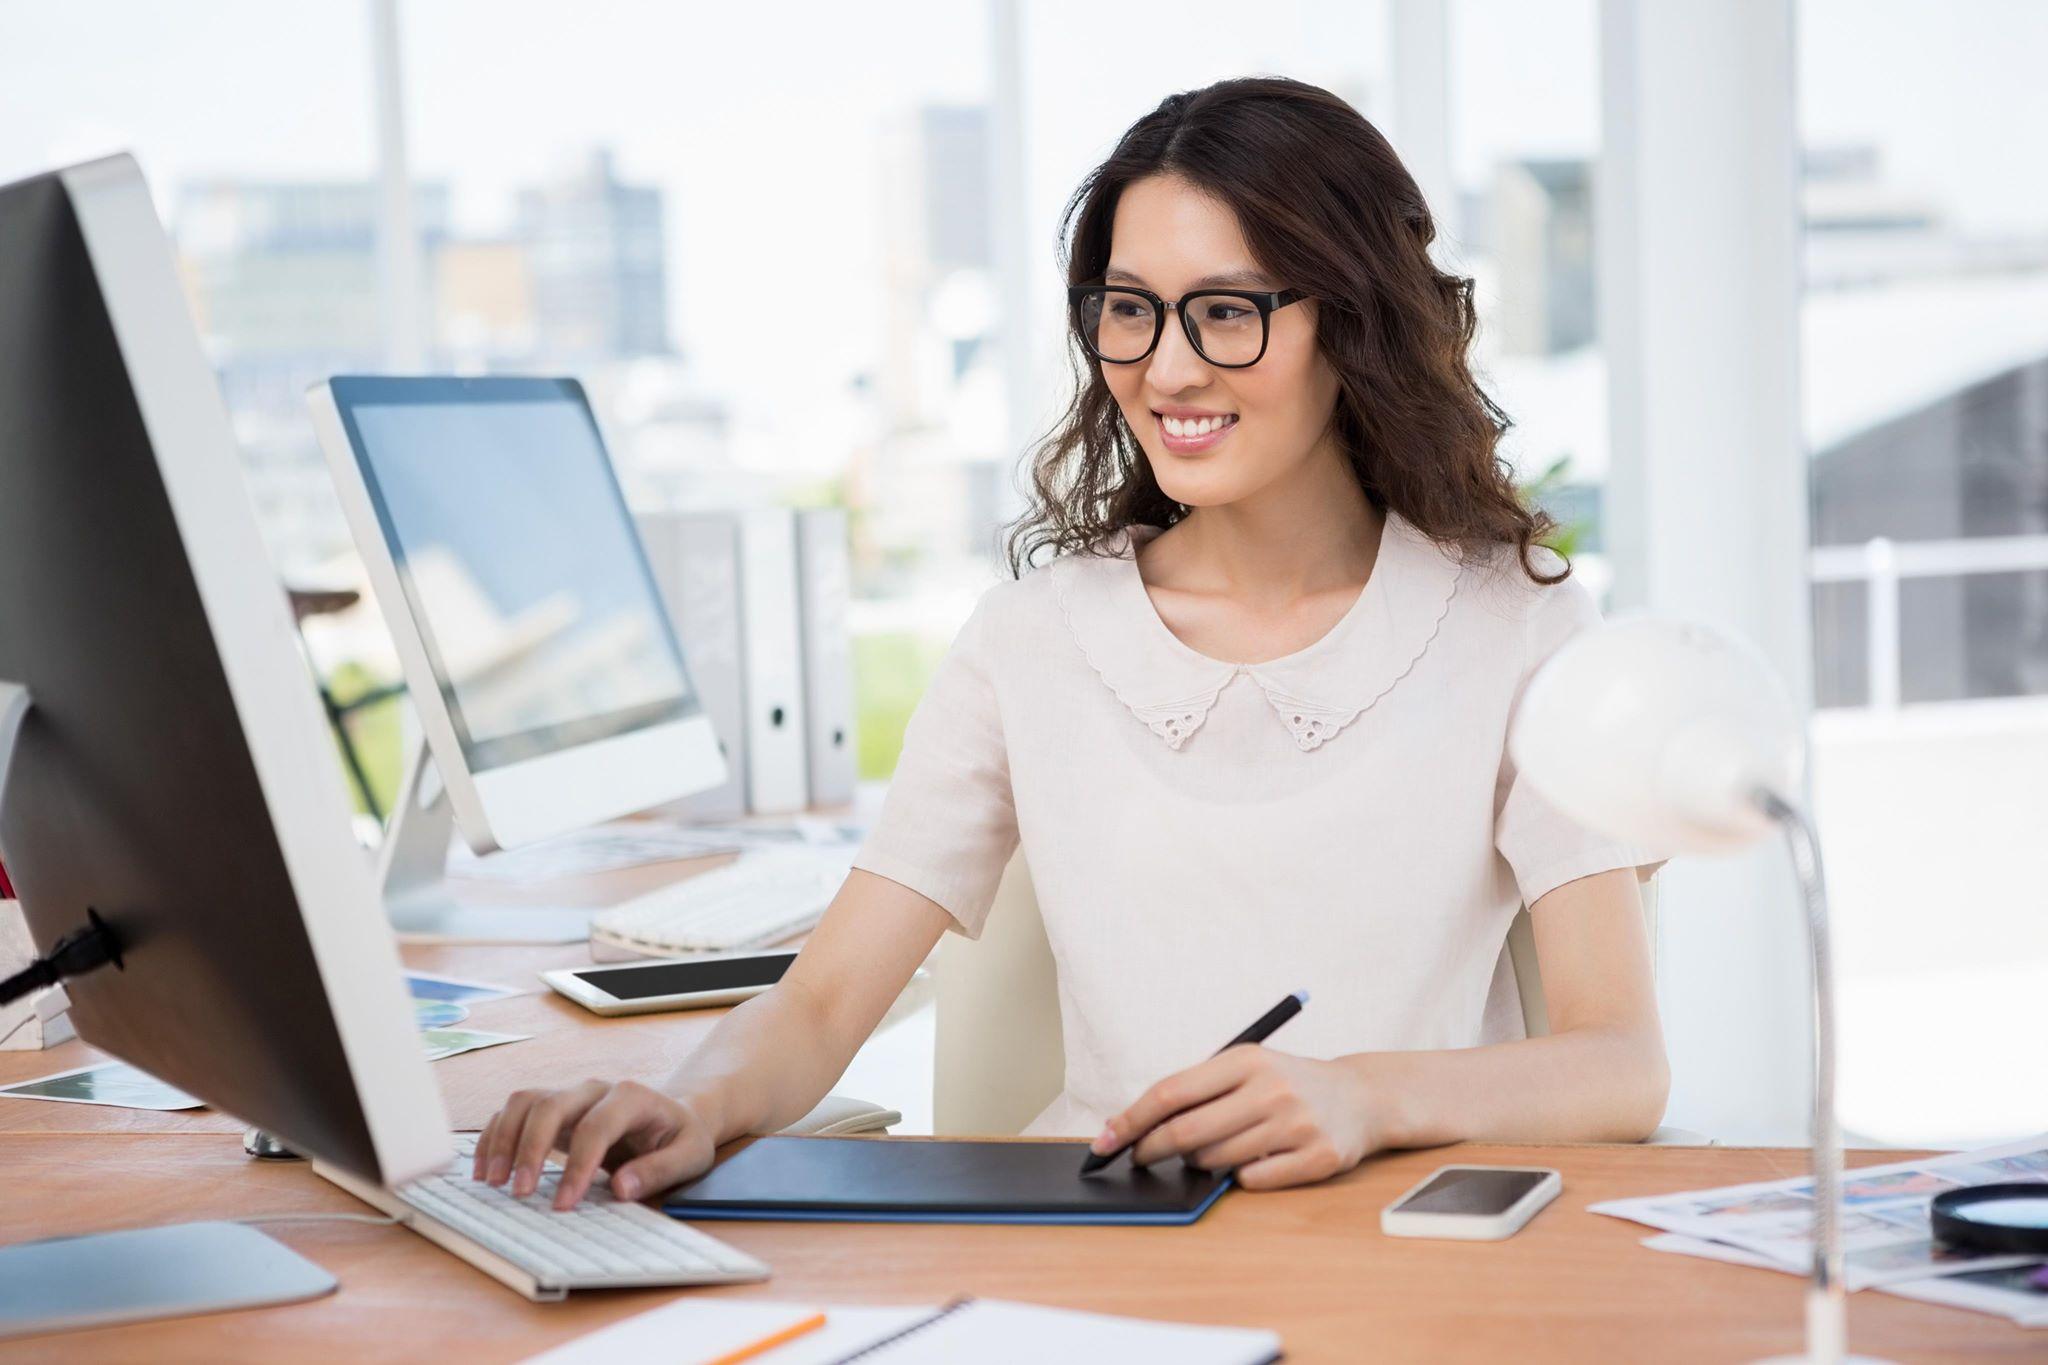 オフィスワークとリモートワーク、どちらのほうが生産的なのか?